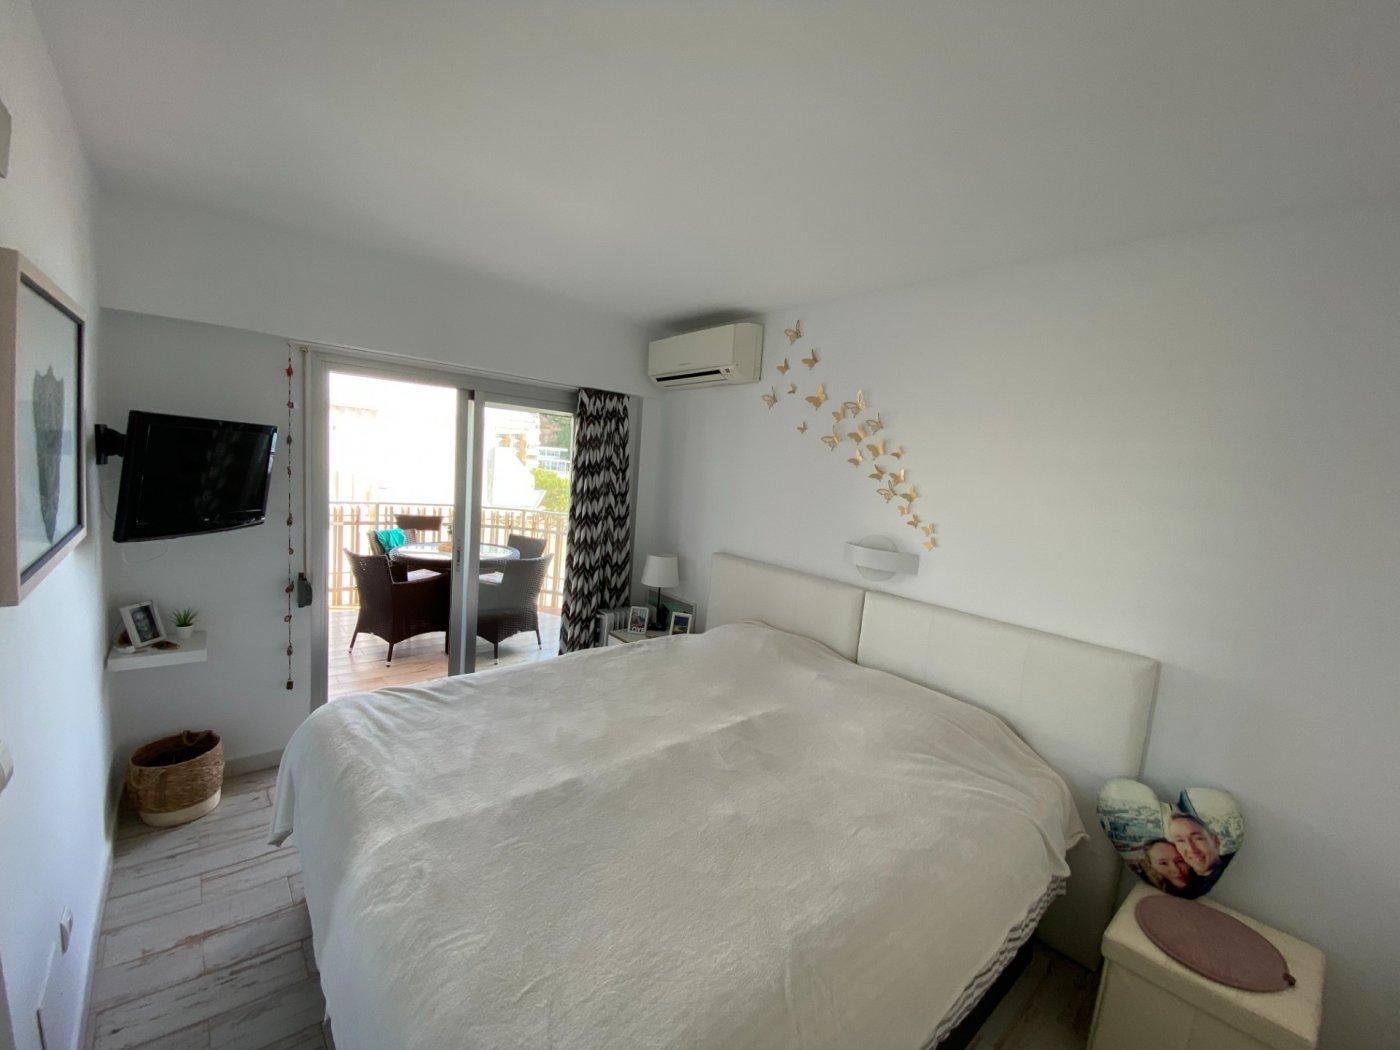 Alquiler con opcion de compra!espectacular apartamento con vistas al mar y parking propio - imagenInmueble13